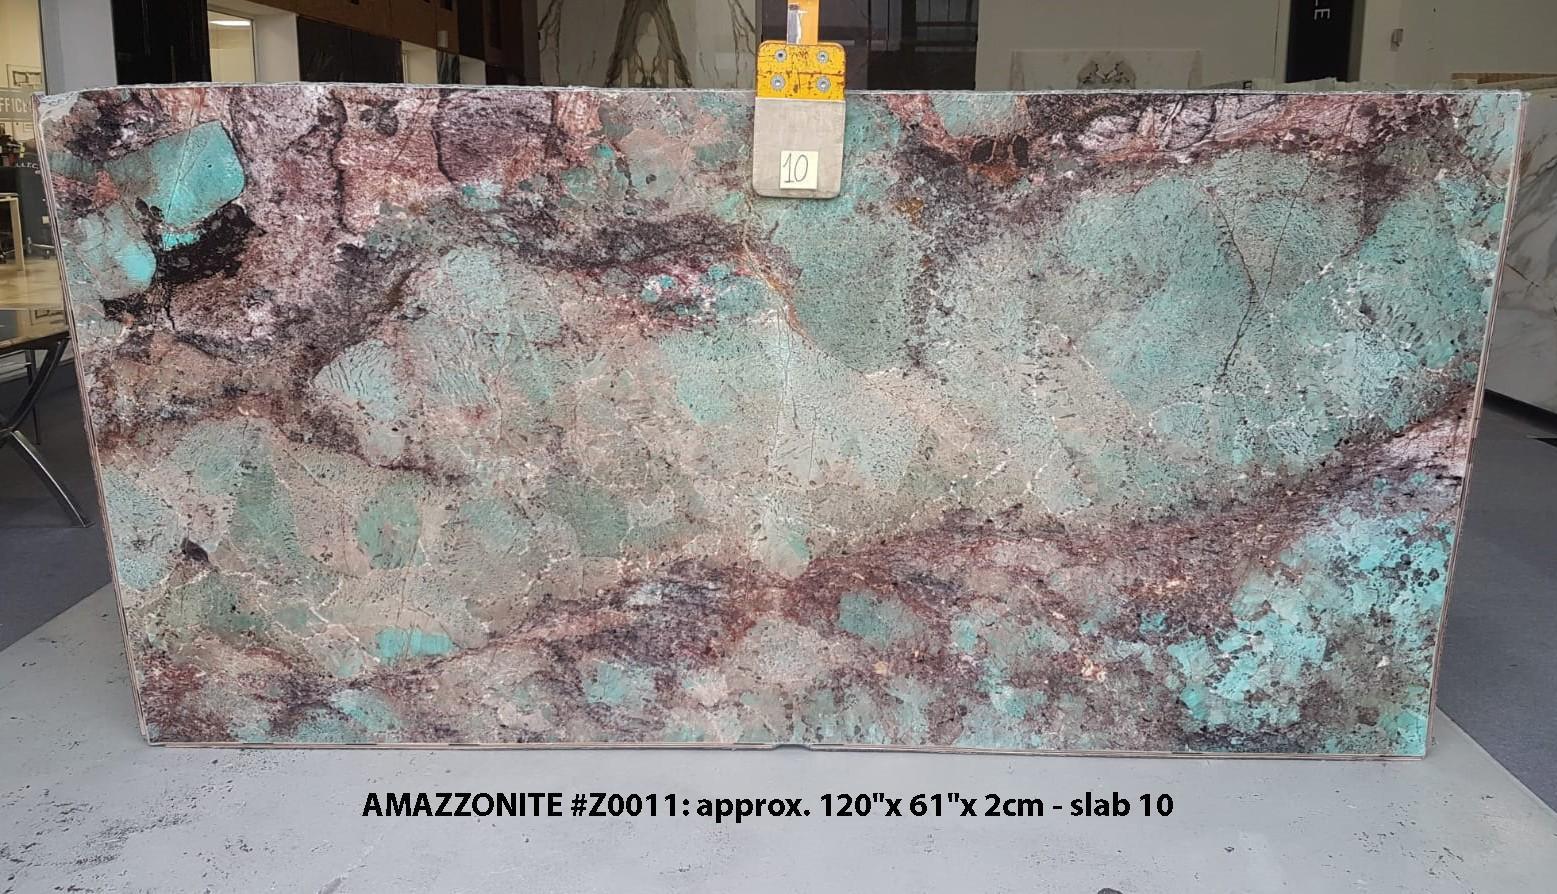 AMAZZONITE Suministro Veneto (Italia) de planchas pulidas en piedra semi preciosa natural Z0011 , Slab #10